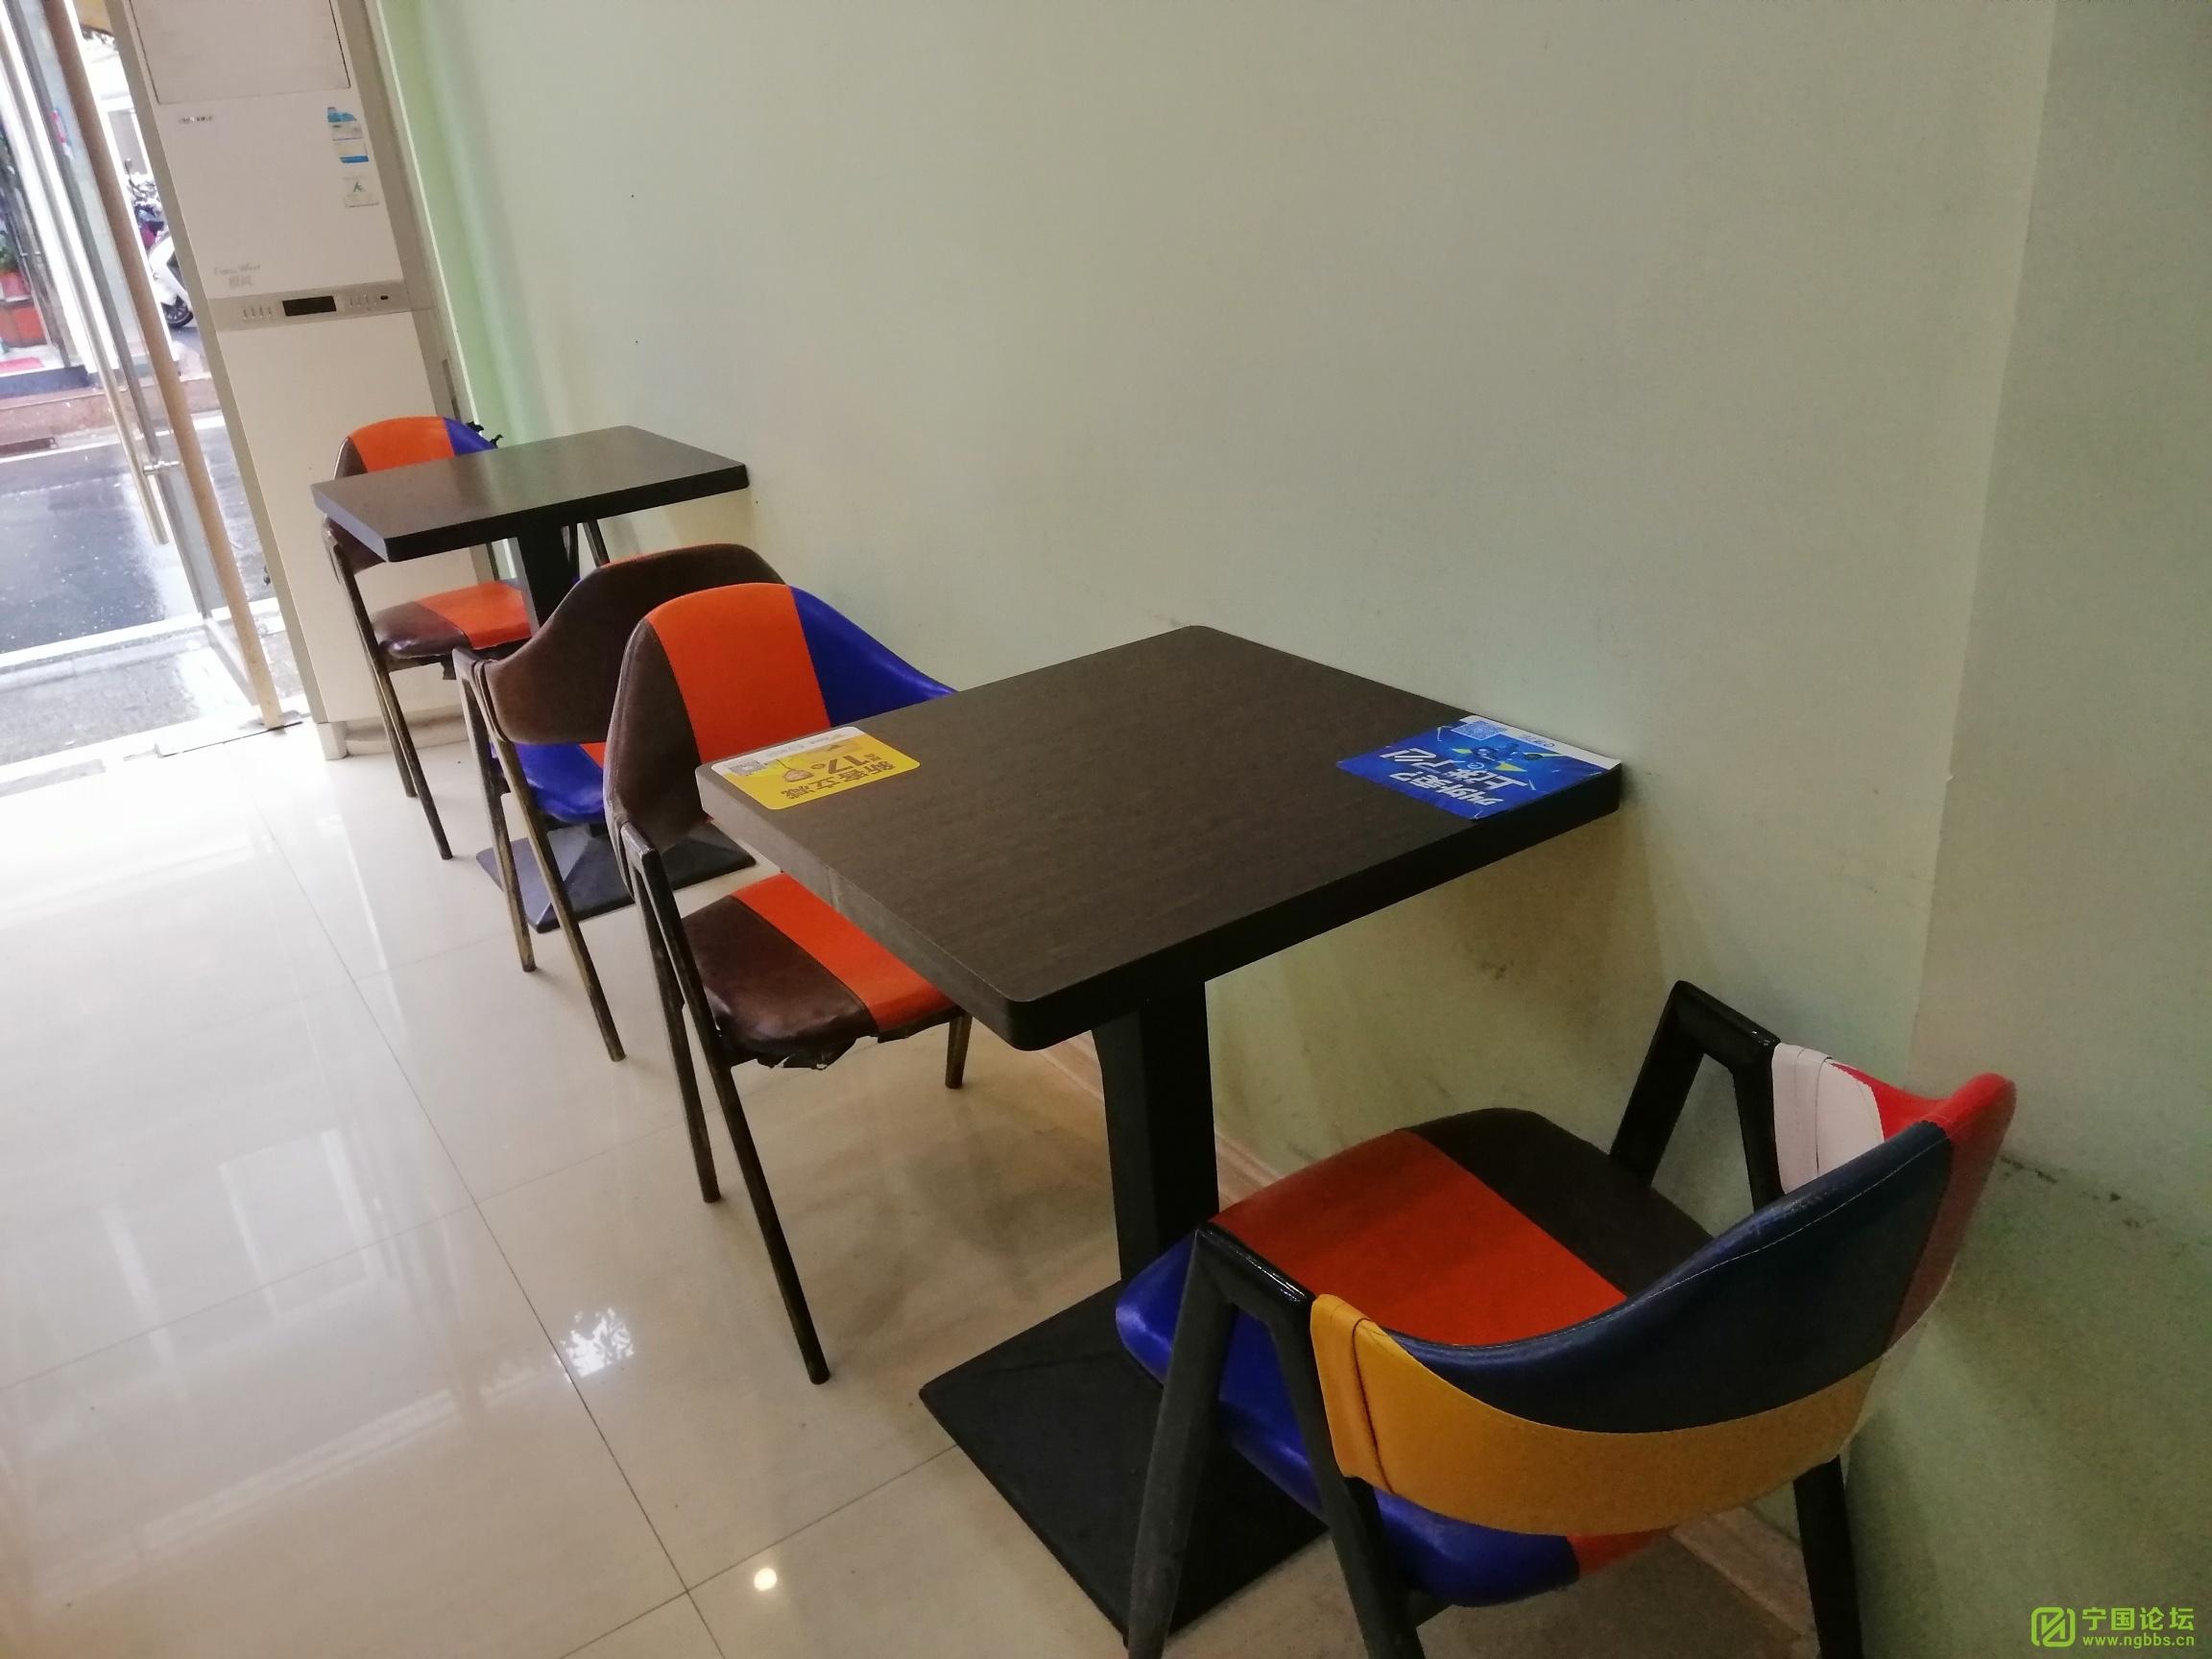 桌椅低价处理,有意者请联系180 - 宁国论坛 - 1602990623402115_835.jpg